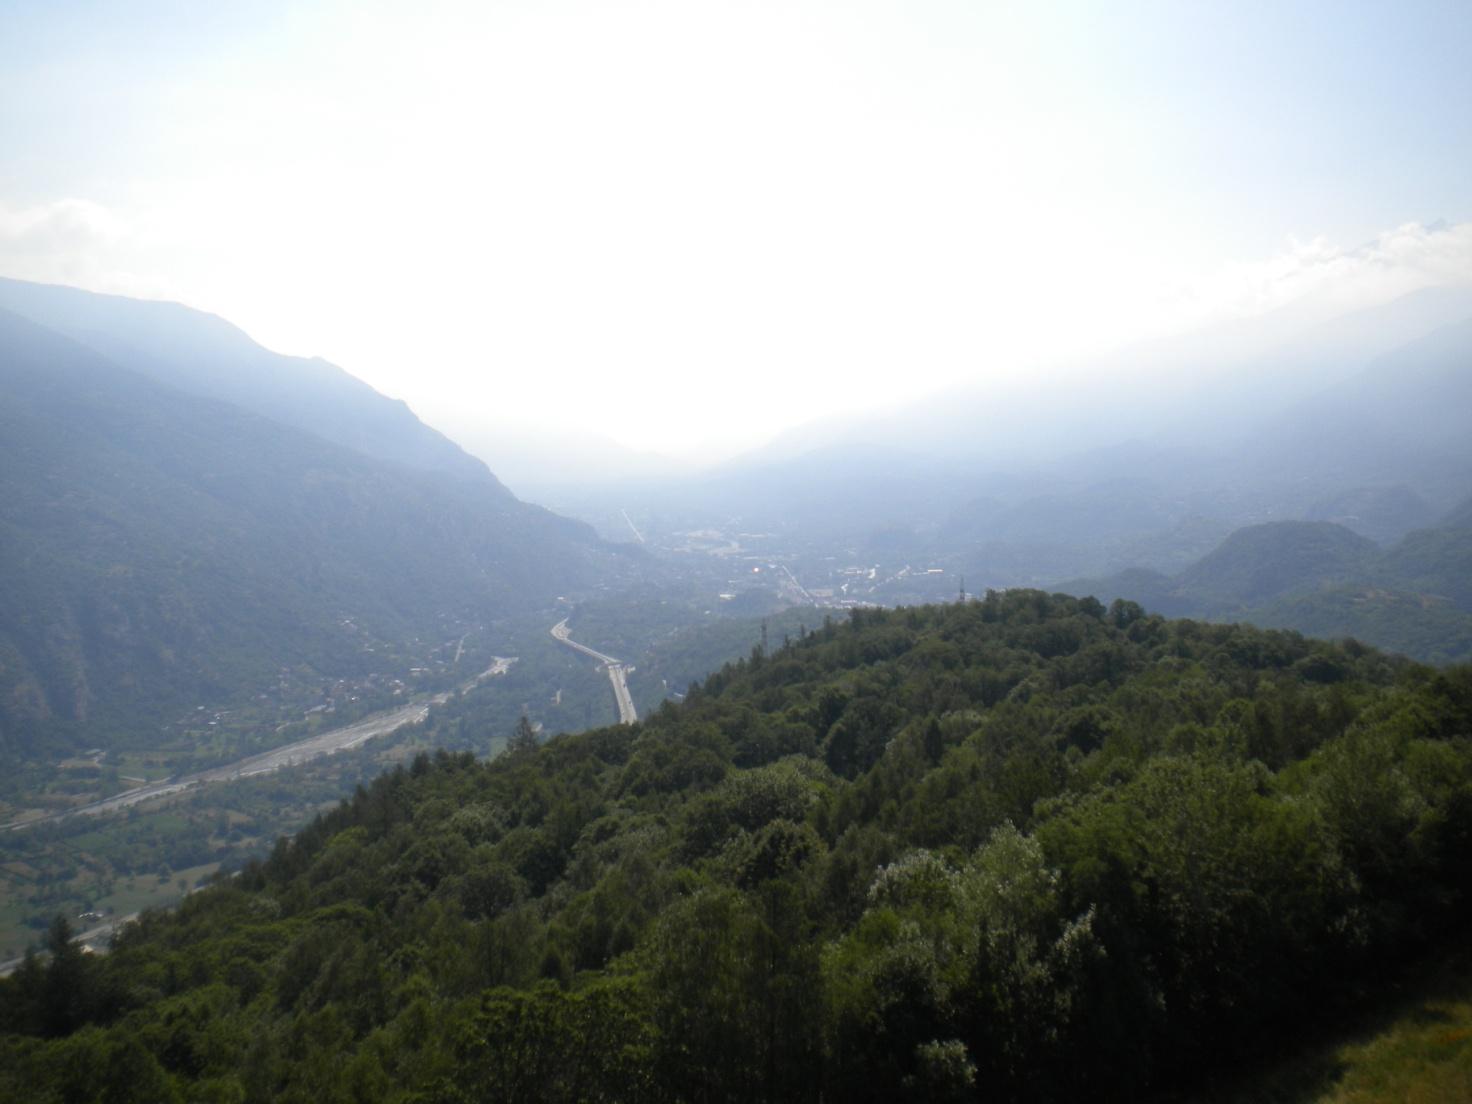 Lato centro Bassa Valle e Susa